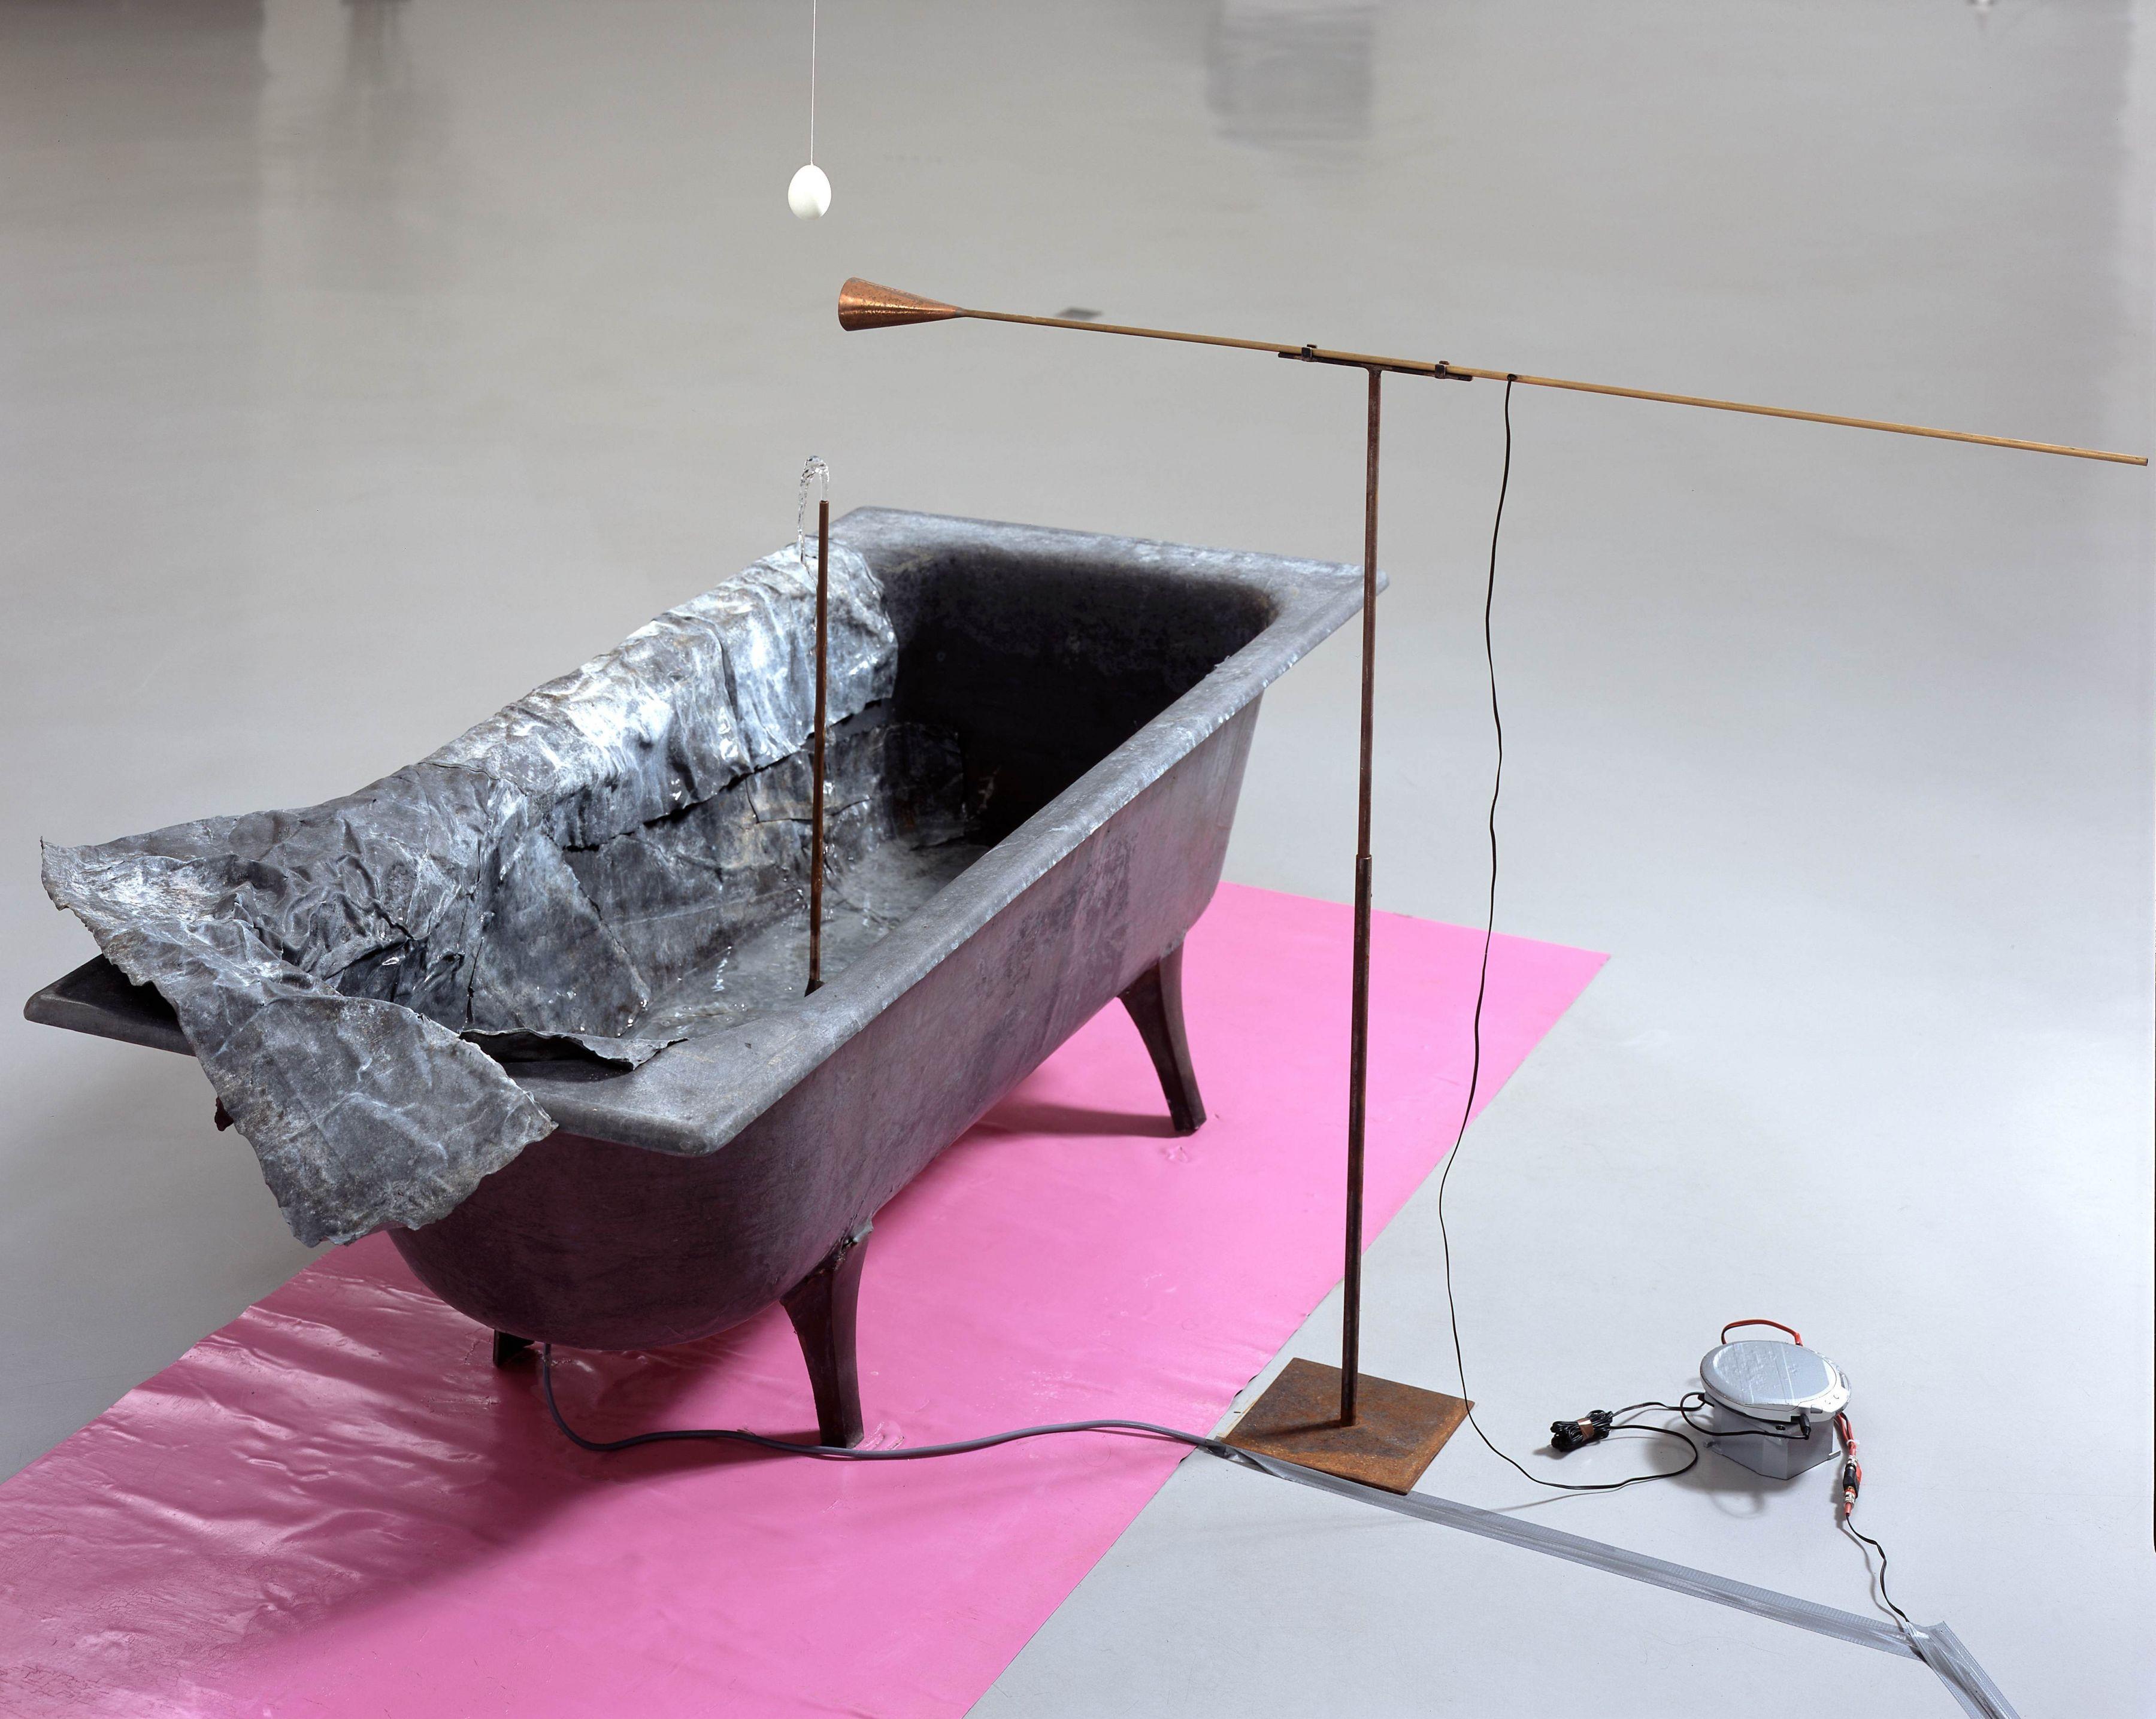 bathtub installation by pier paolo calzolari